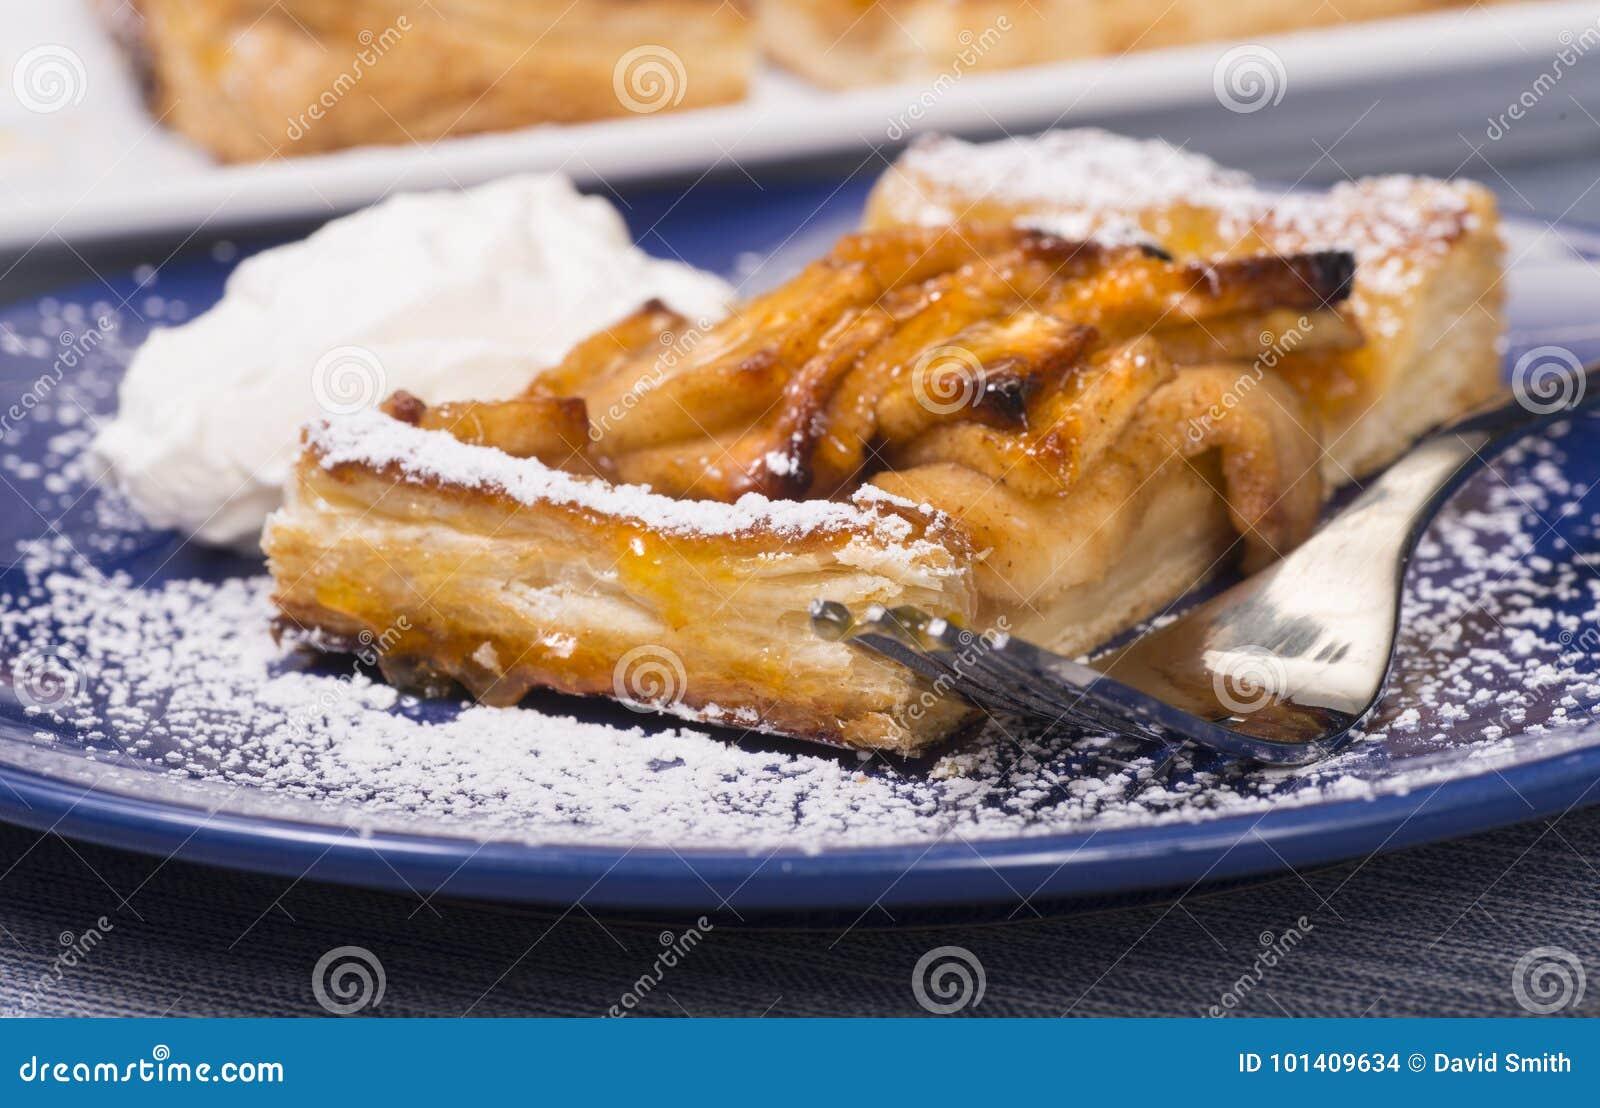 Rustieke appel scherp met een abrikozenglans en een gepoederde suiker